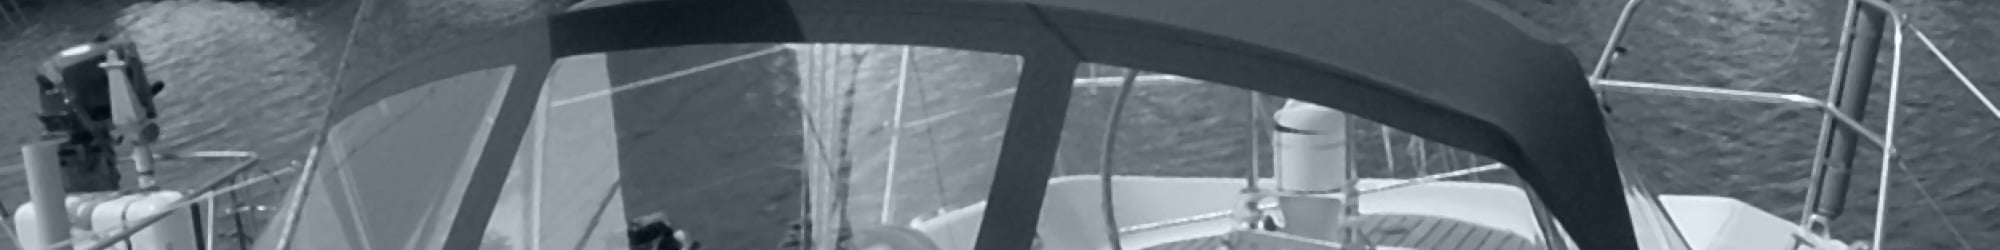 Bandeau - Capote de bateau